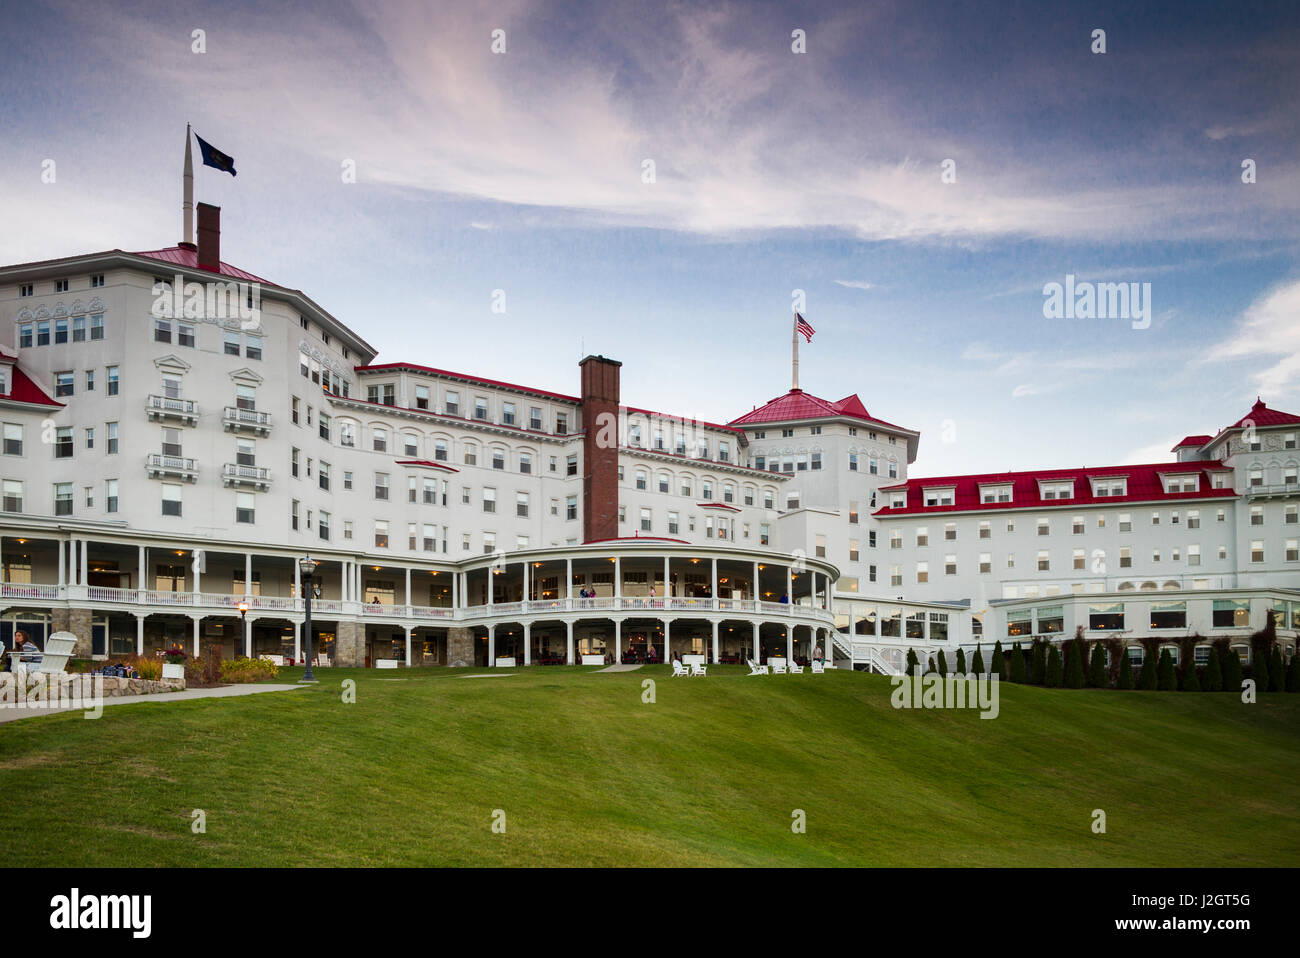 USA, New Hampshire, Montagnes Blanches, Bretton Woods, Mount Washington Hotel, extérieur Banque D'Images